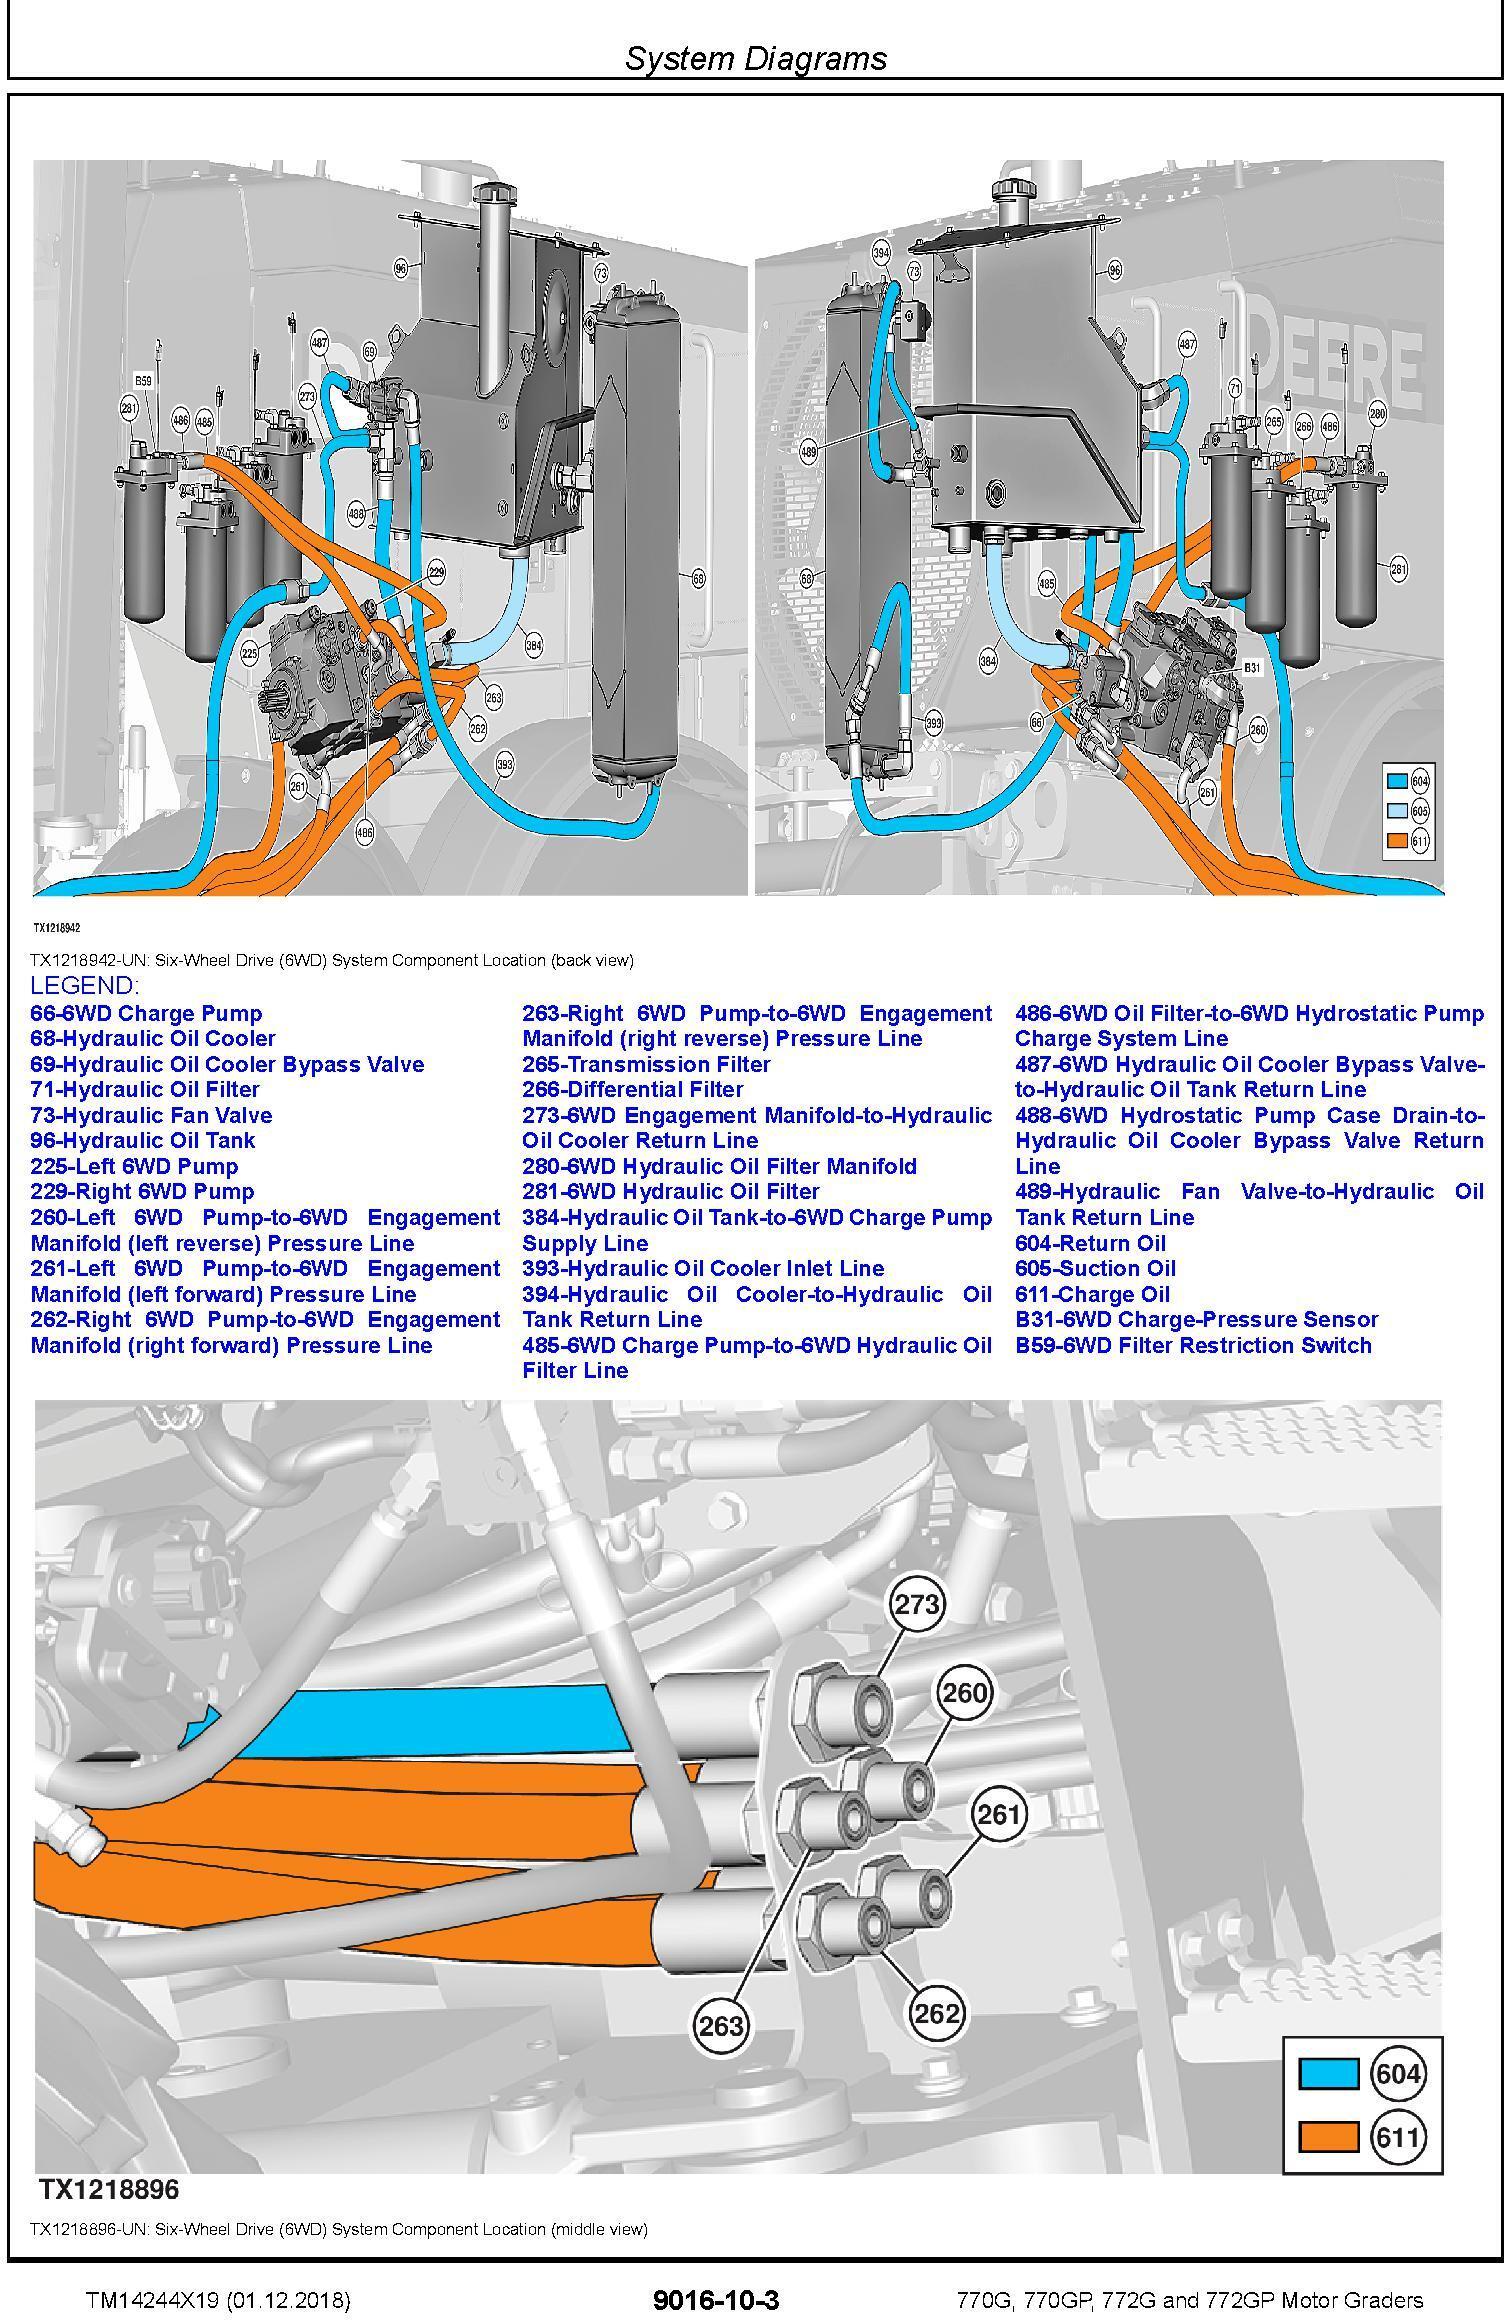 John Deere 770G,770GP, 772G,772GP (SN.F680878-,L700954) Motor Graders Diagnostic Manual (TM14244X19) - 3